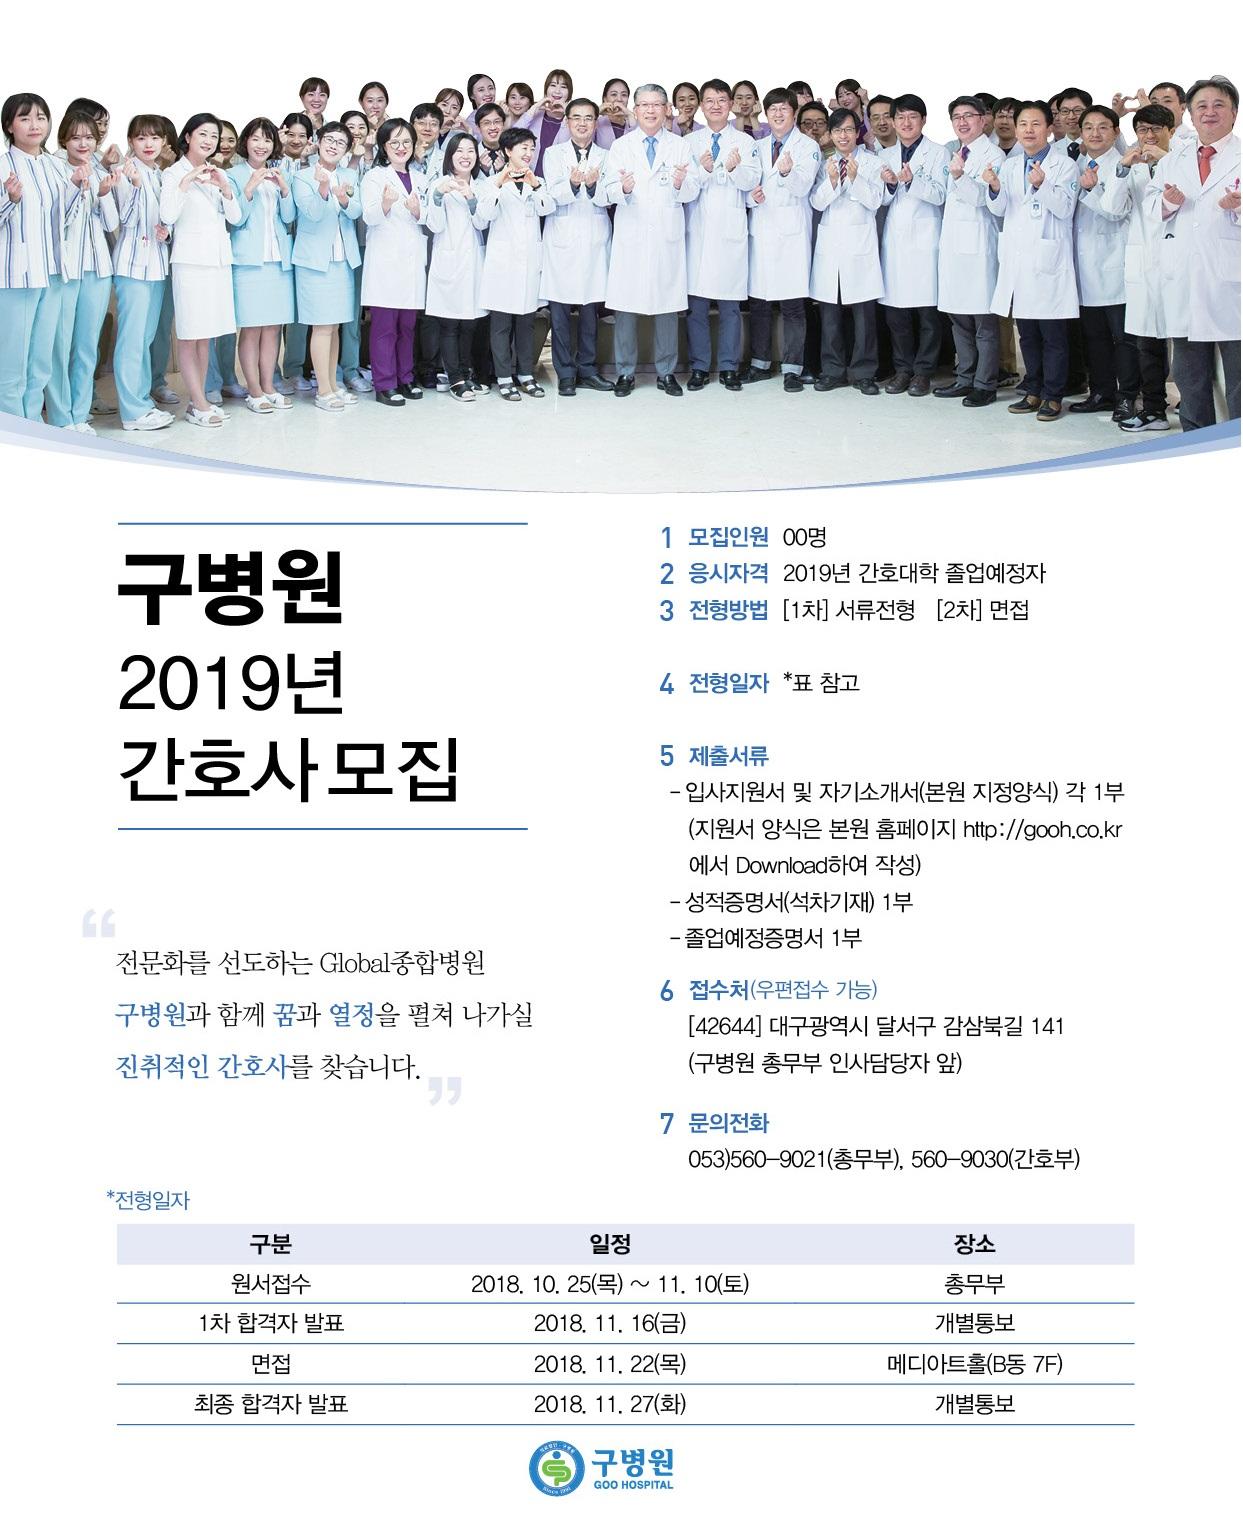 2019년도 간호사